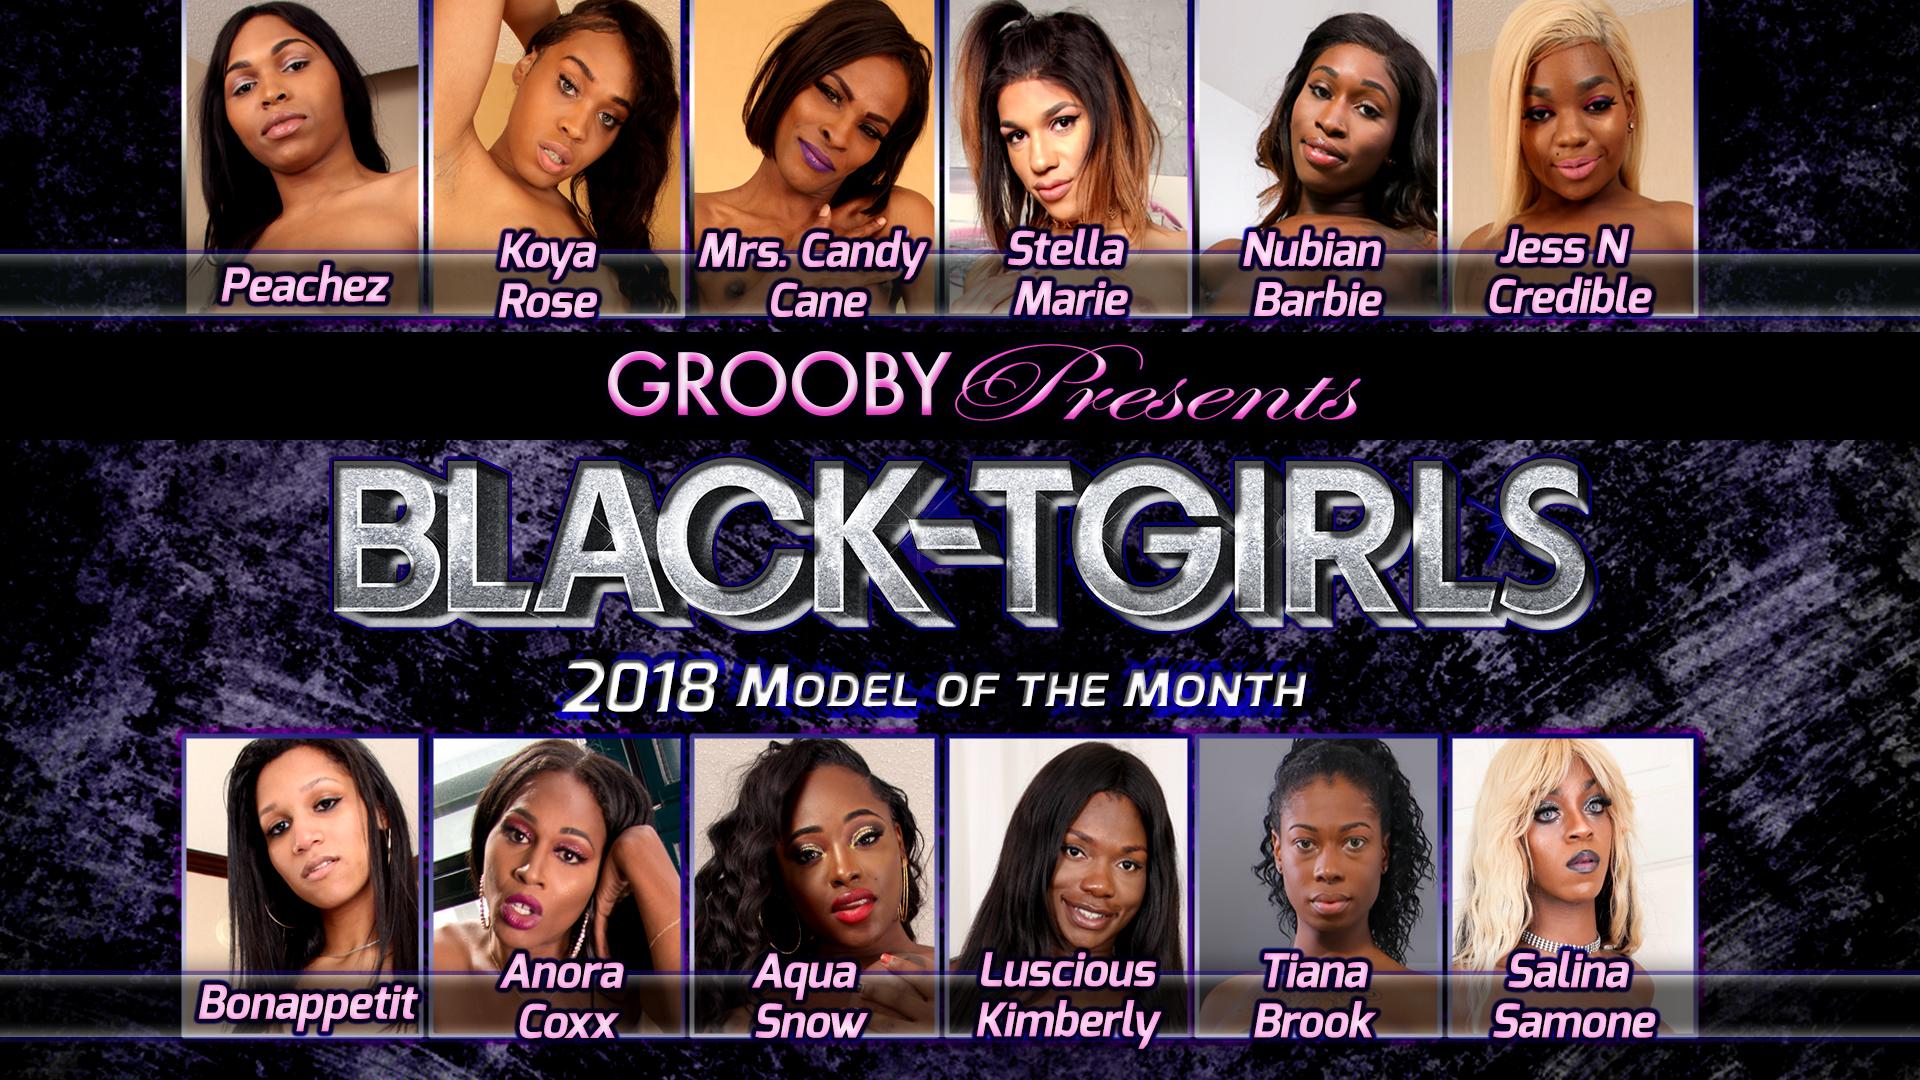 2018 Black Tgirls DVD Trailer